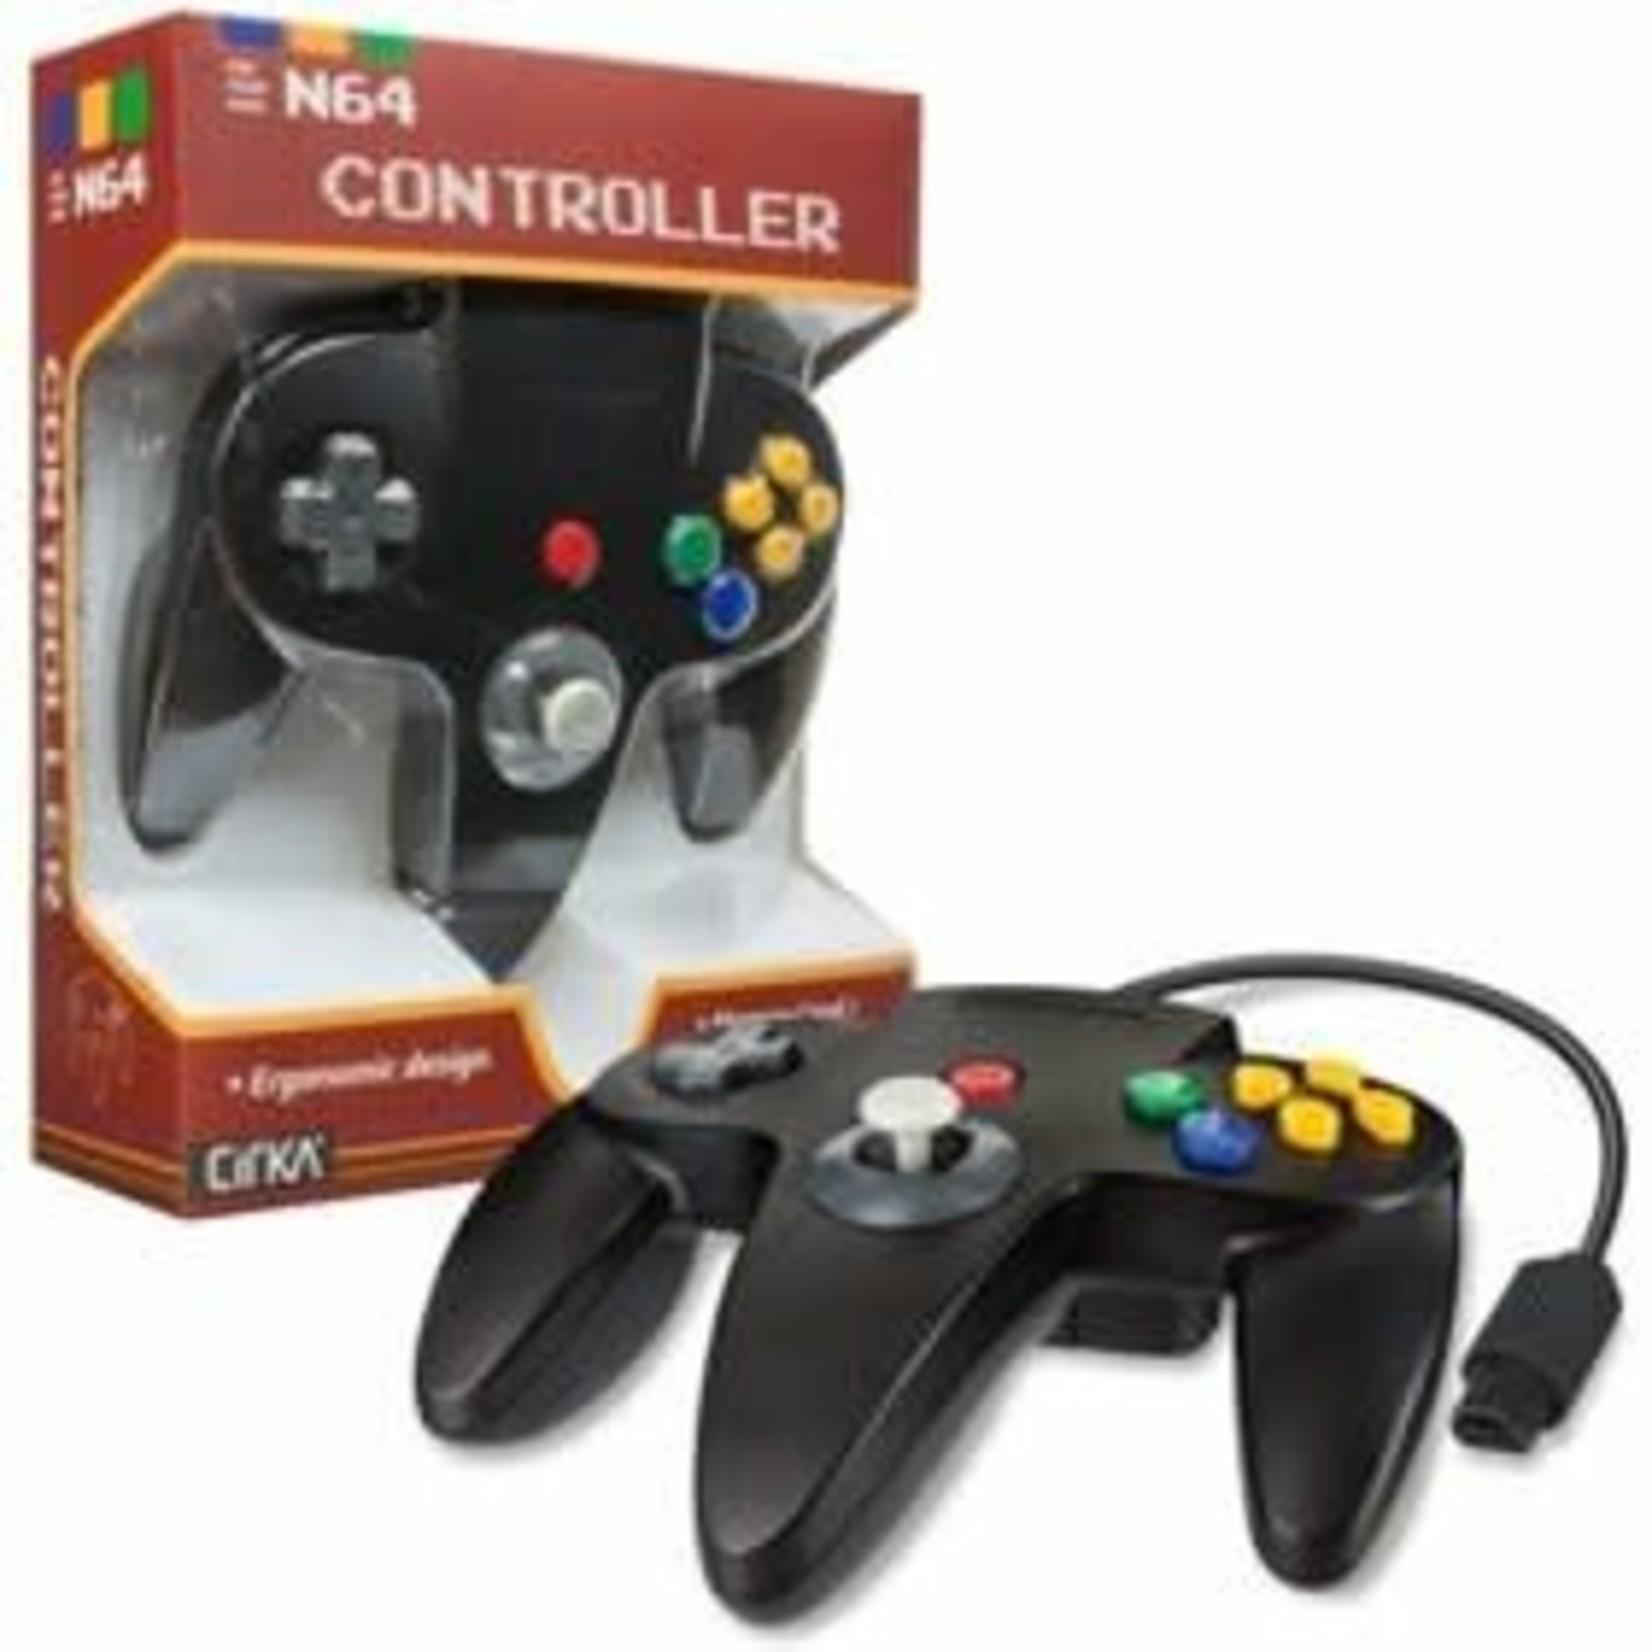 Old Skool N64 Controller